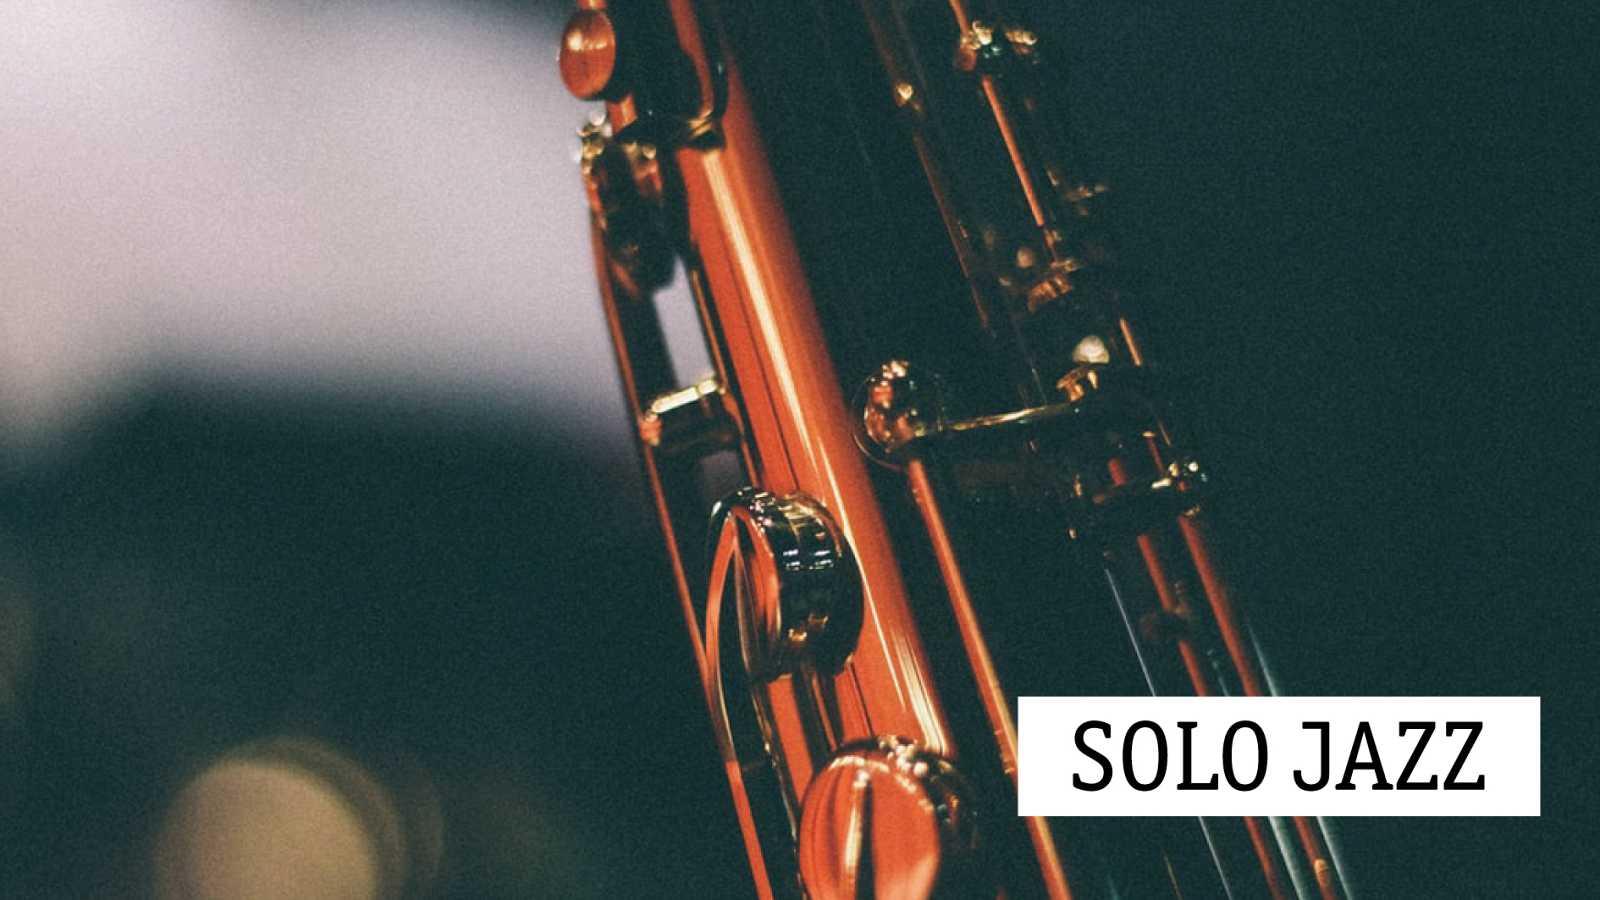 Solo jazz - La hora de Jessica Williams - 09/03/20 - escuchar ahora